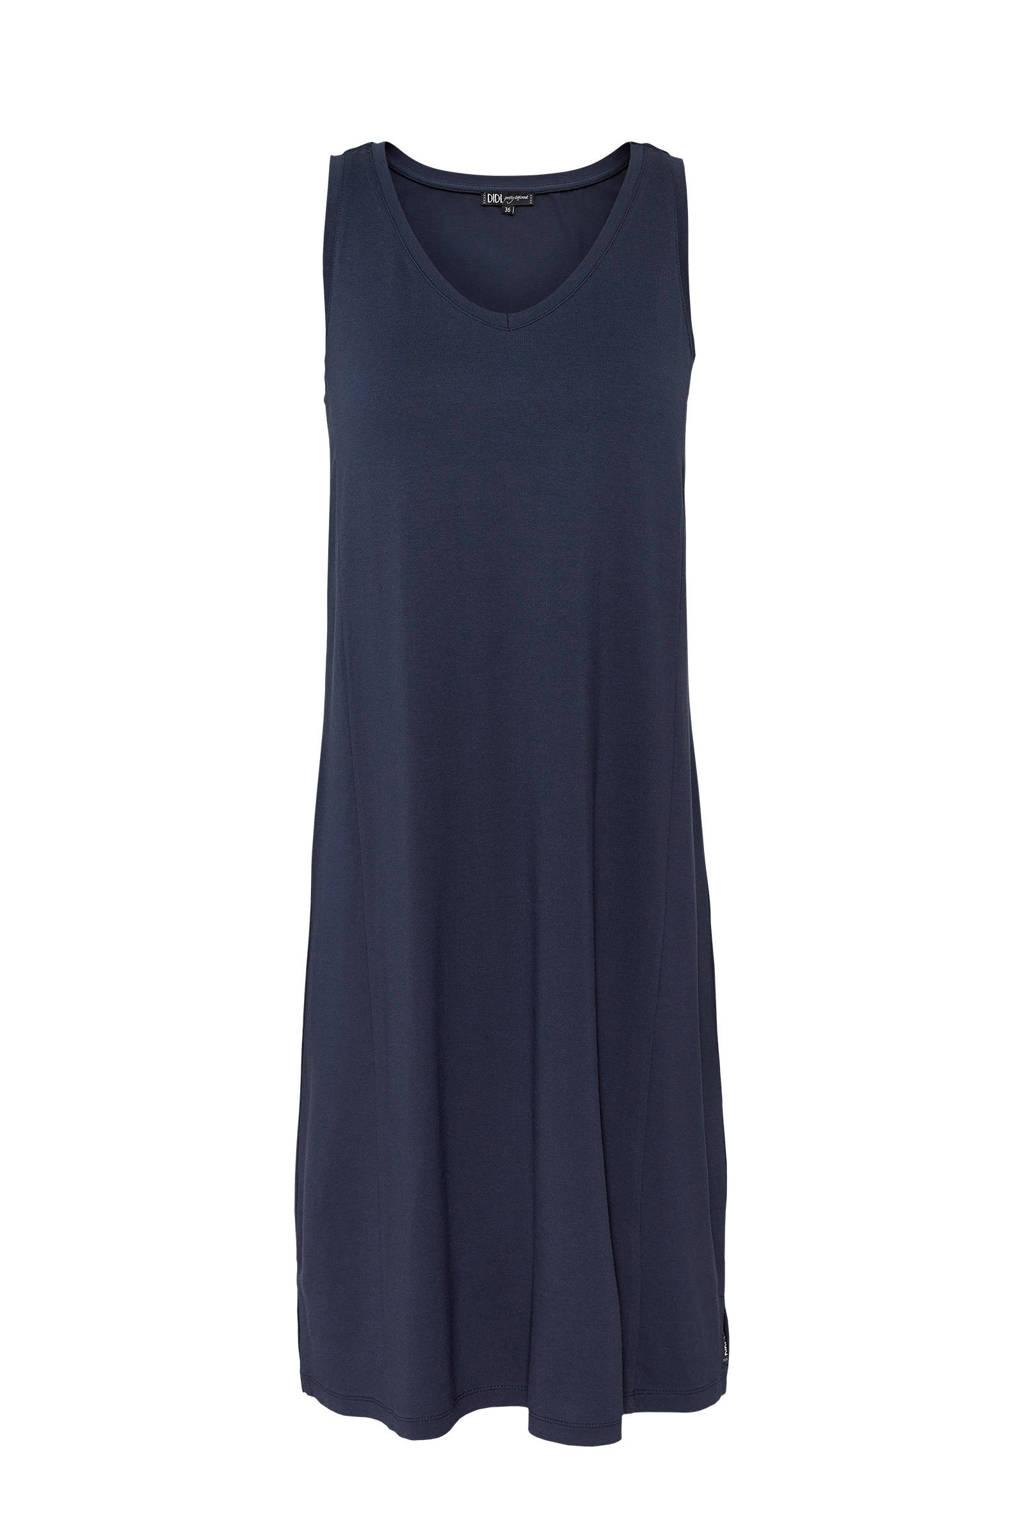 Didi jurk met V-hals donkerblauw, Donkerblauw